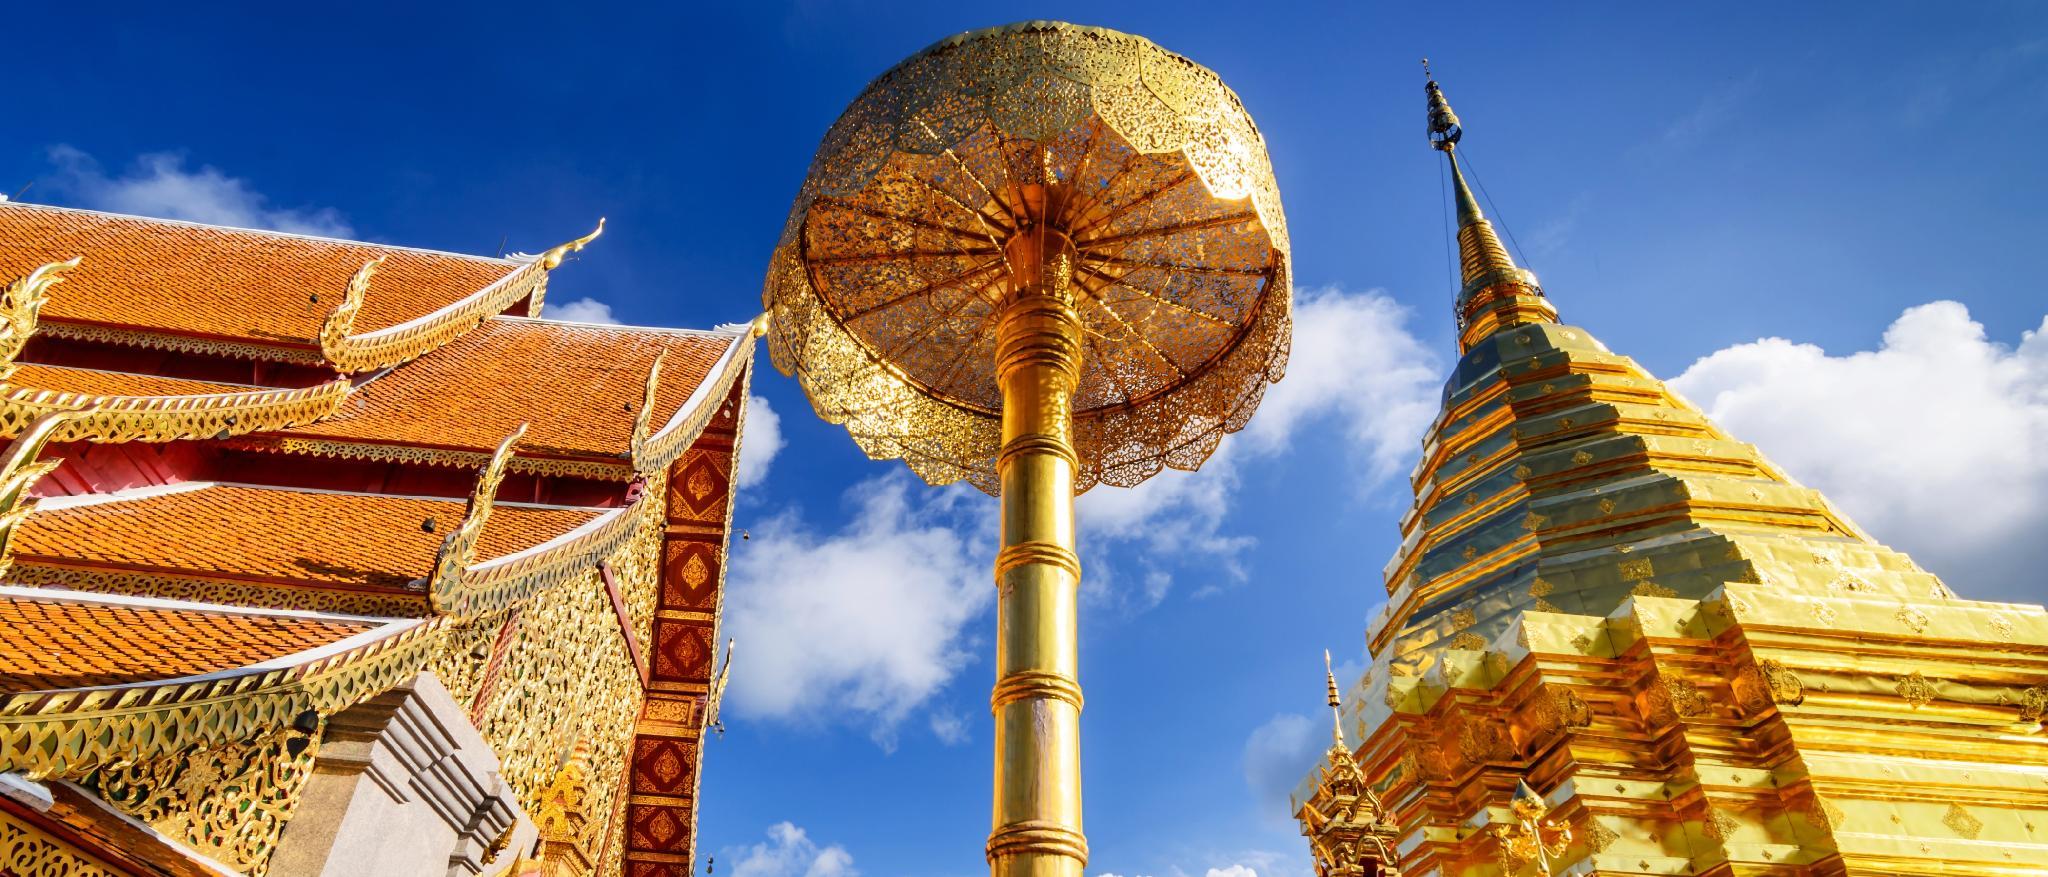 在泰国, 清迈的酒店订房选择共1,370家2014-vespa-價格